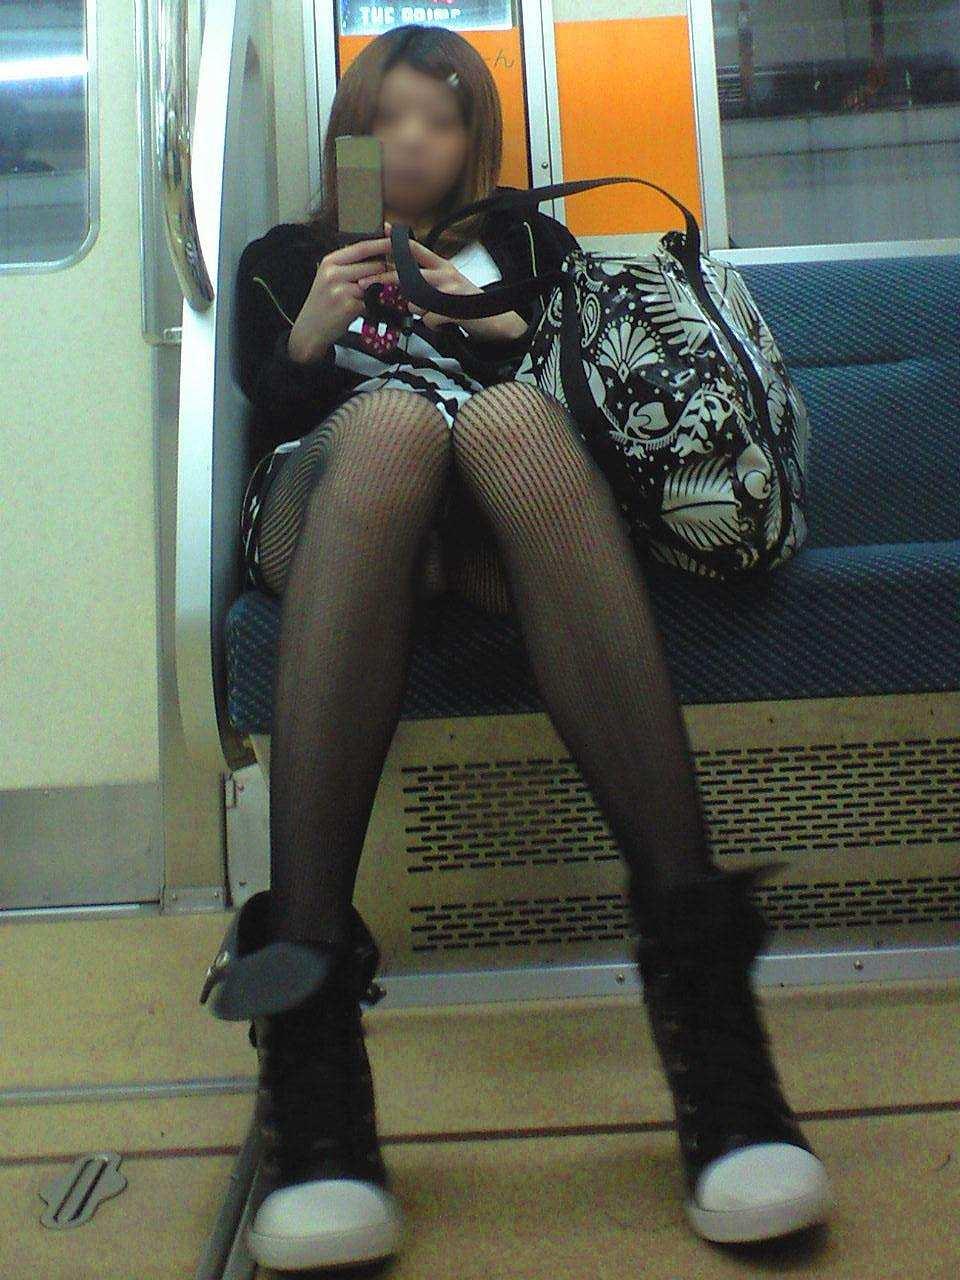 電車のシートに座って油断してる素人娘たちの股間から覗くパンチラ画像 1345